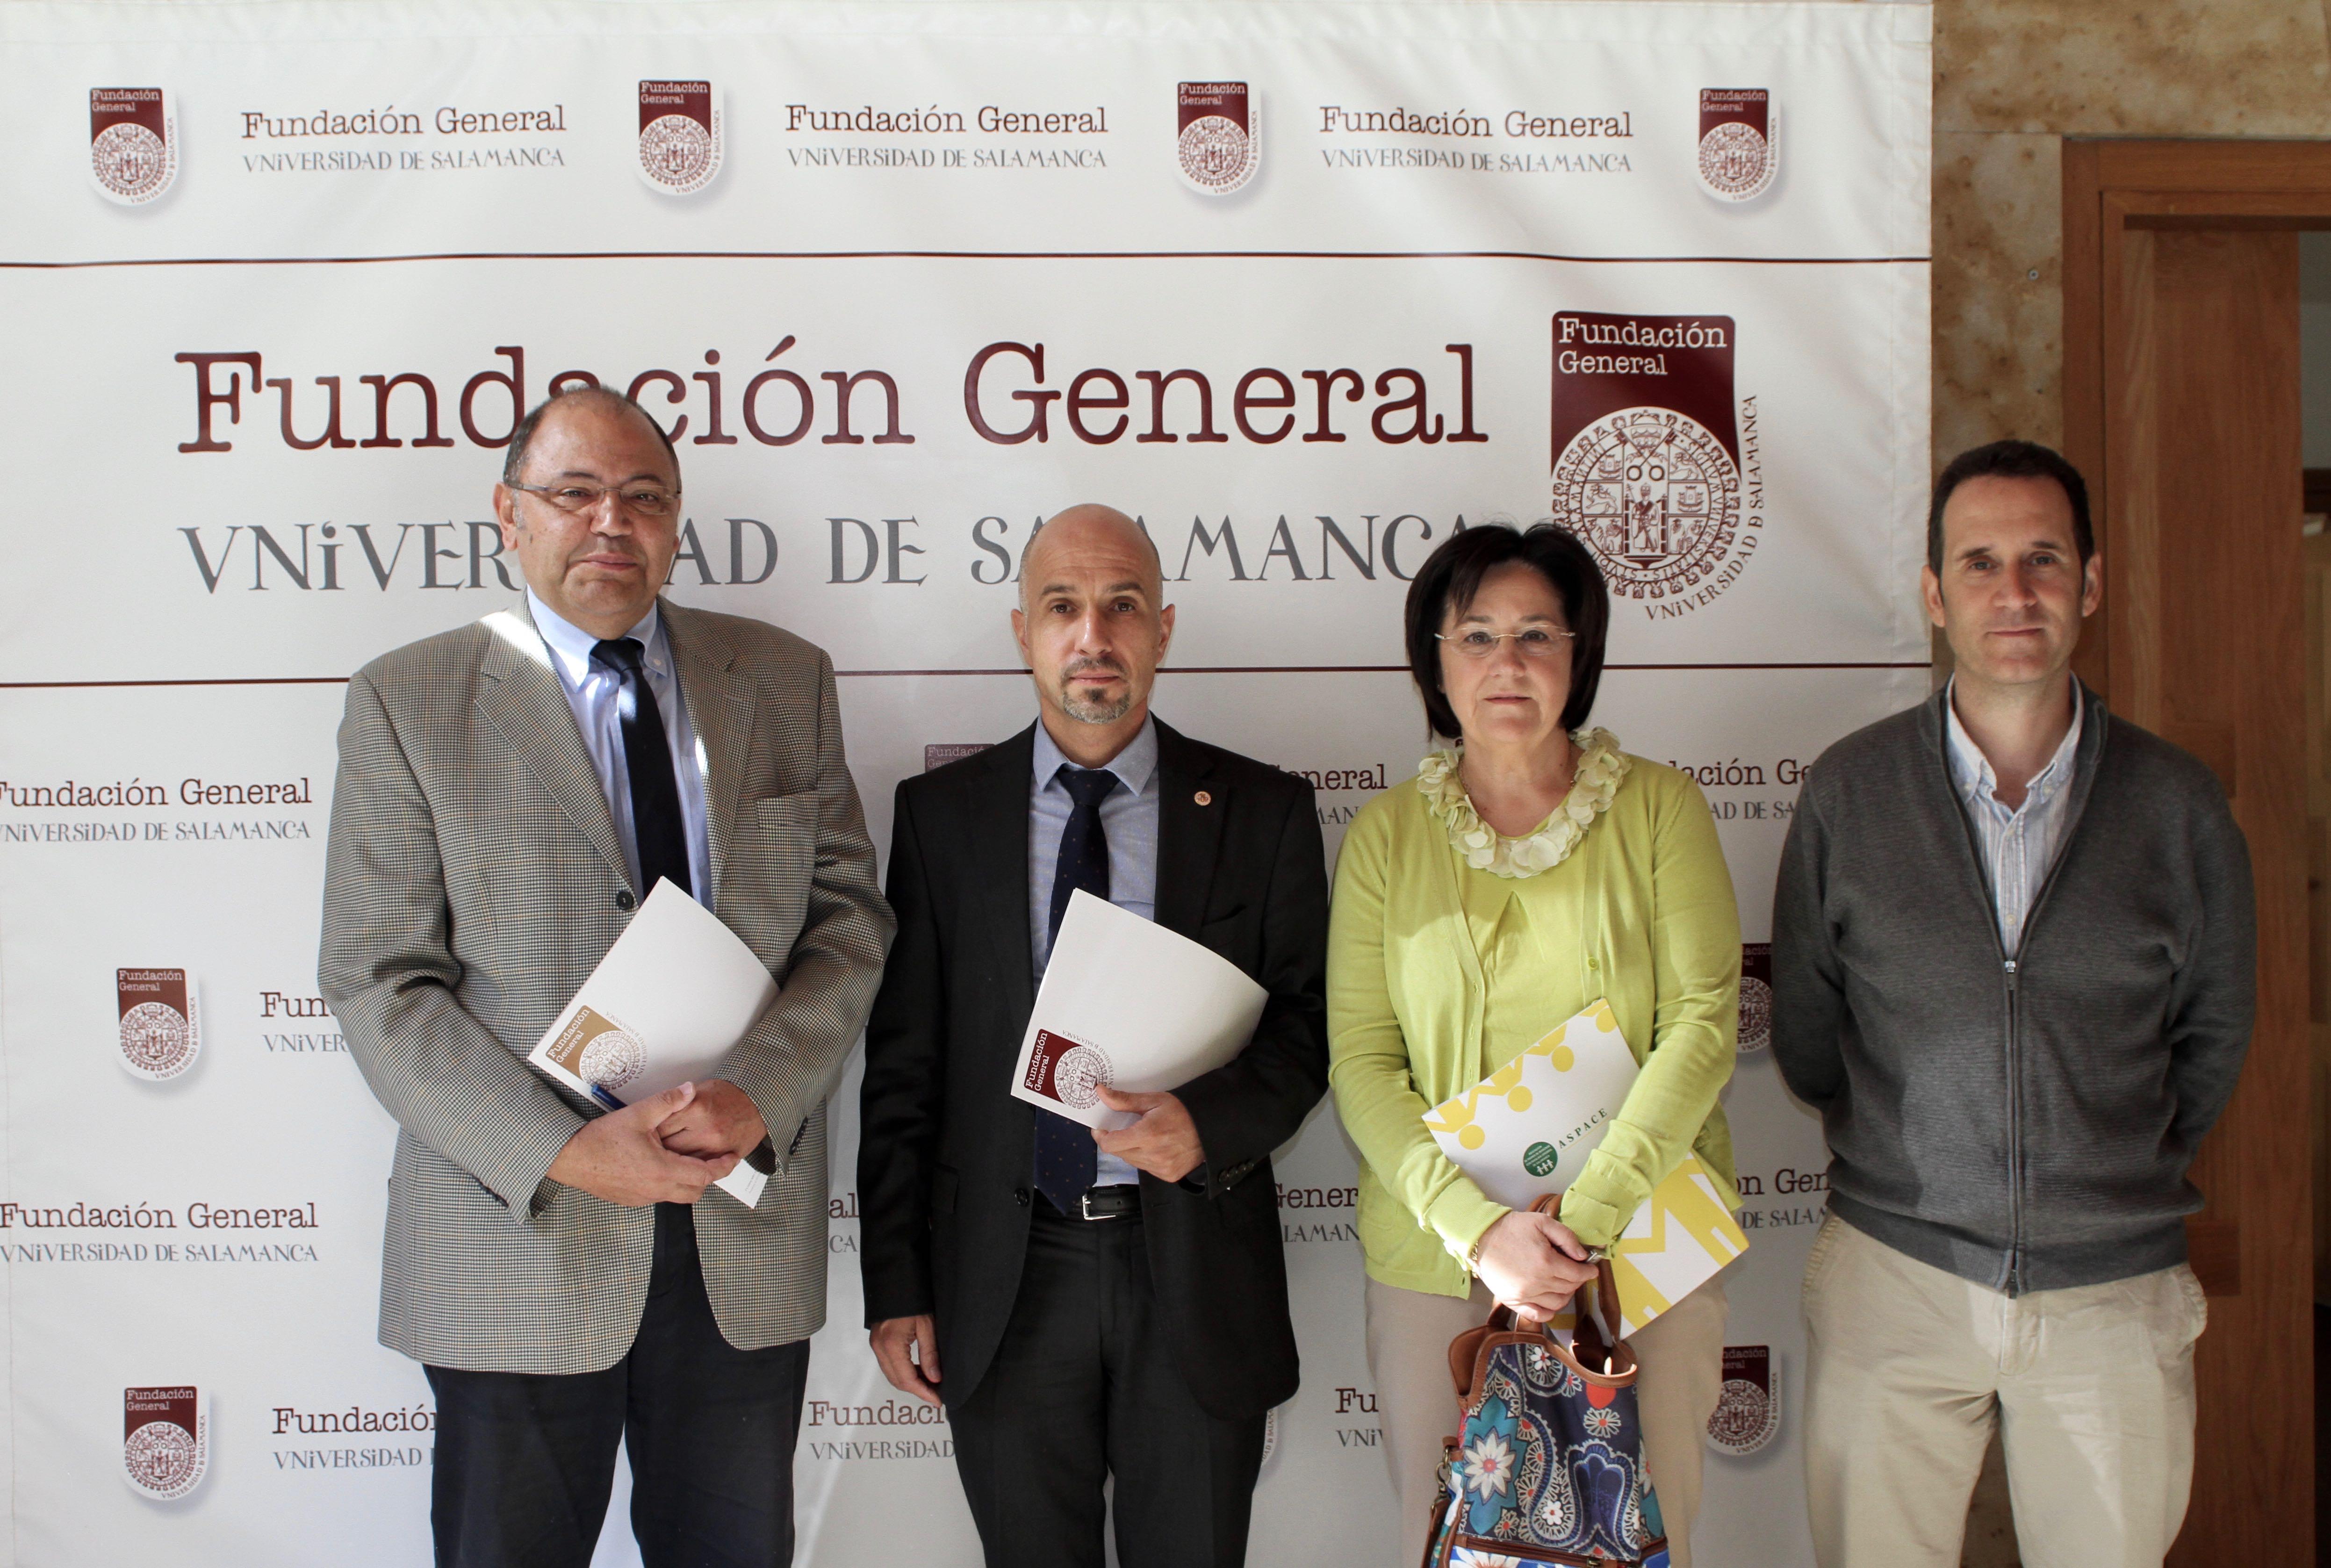 Fundación General de la Universidad de Salamanca. - Categoría: Firma ...